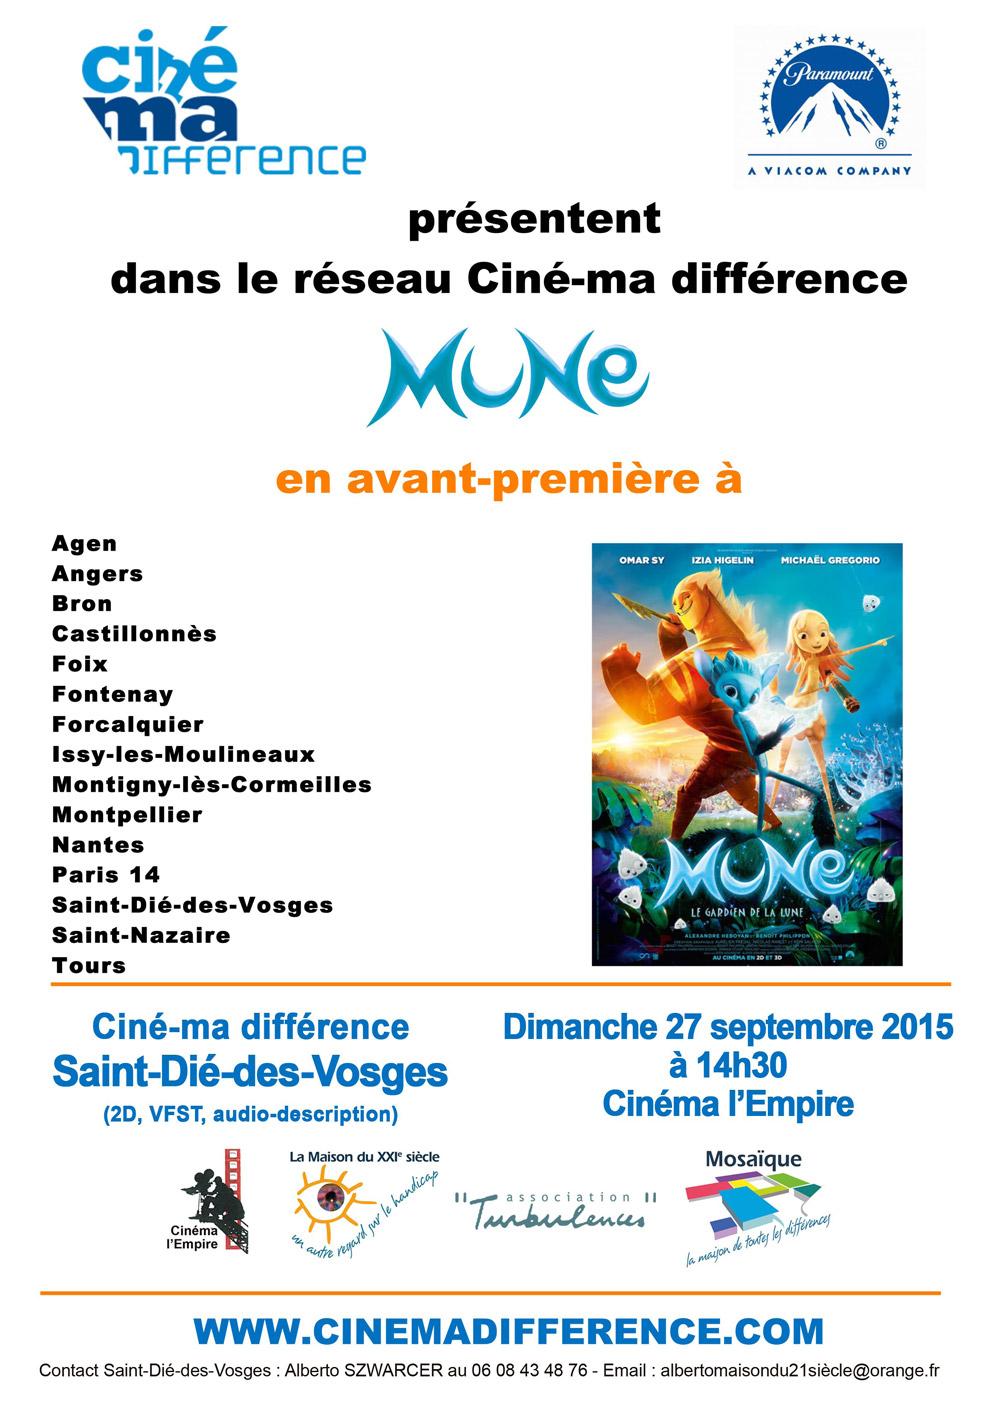 Cine-diff-Mune-Web